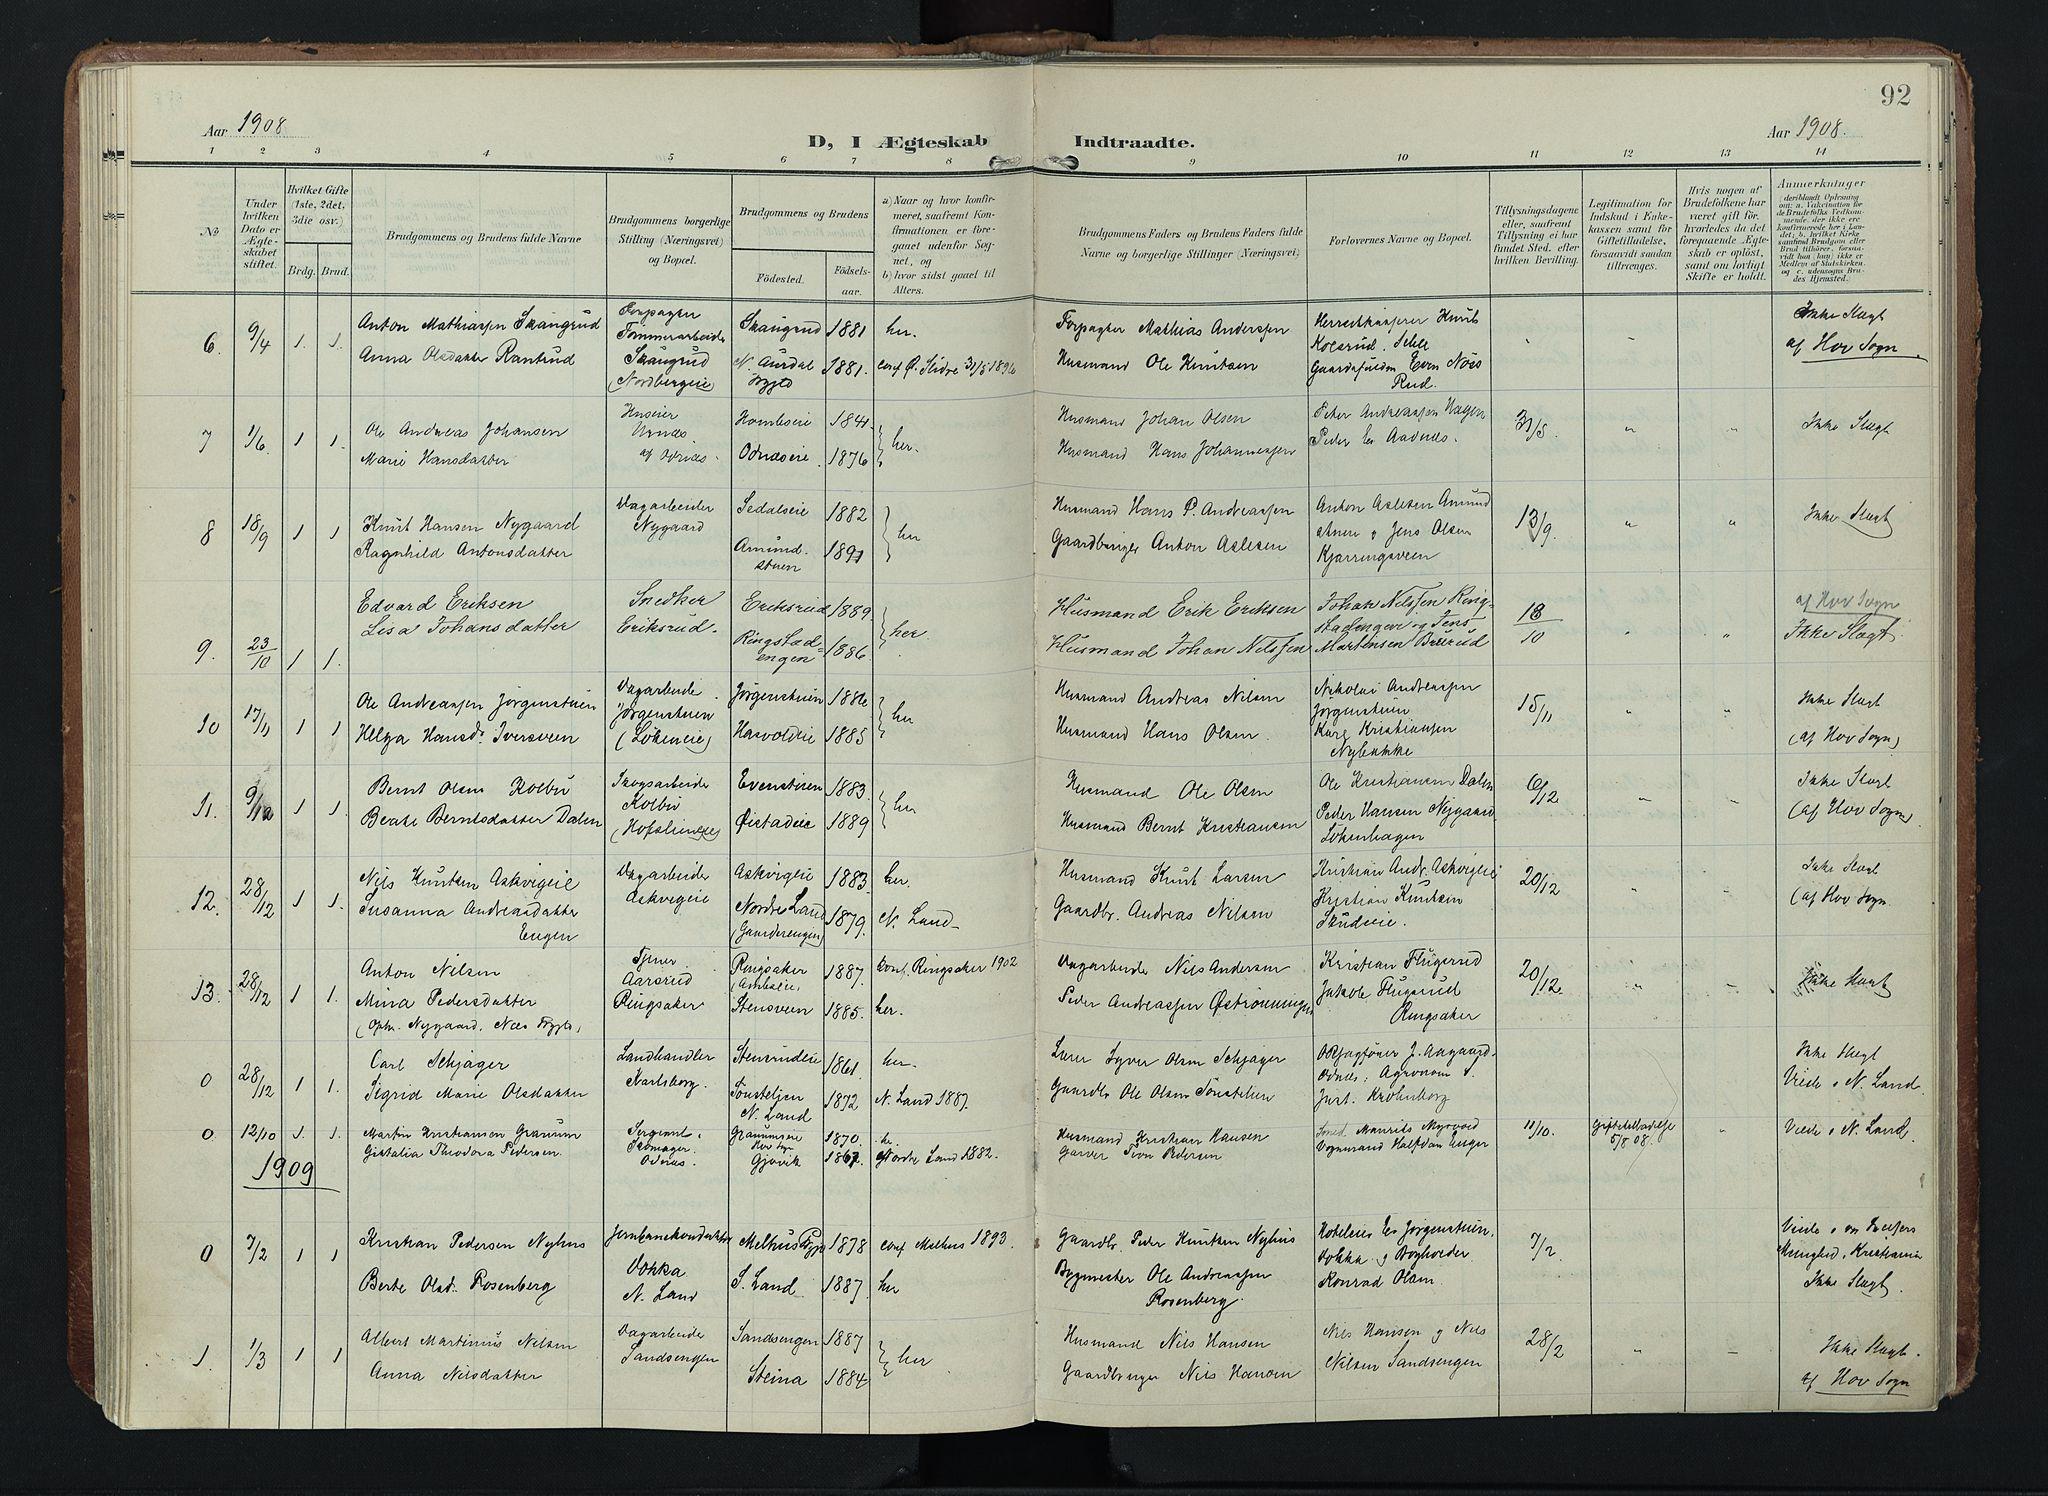 SAH, Søndre Land prestekontor, K/L0005: Ministerialbok nr. 5, 1905-1914, s. 92